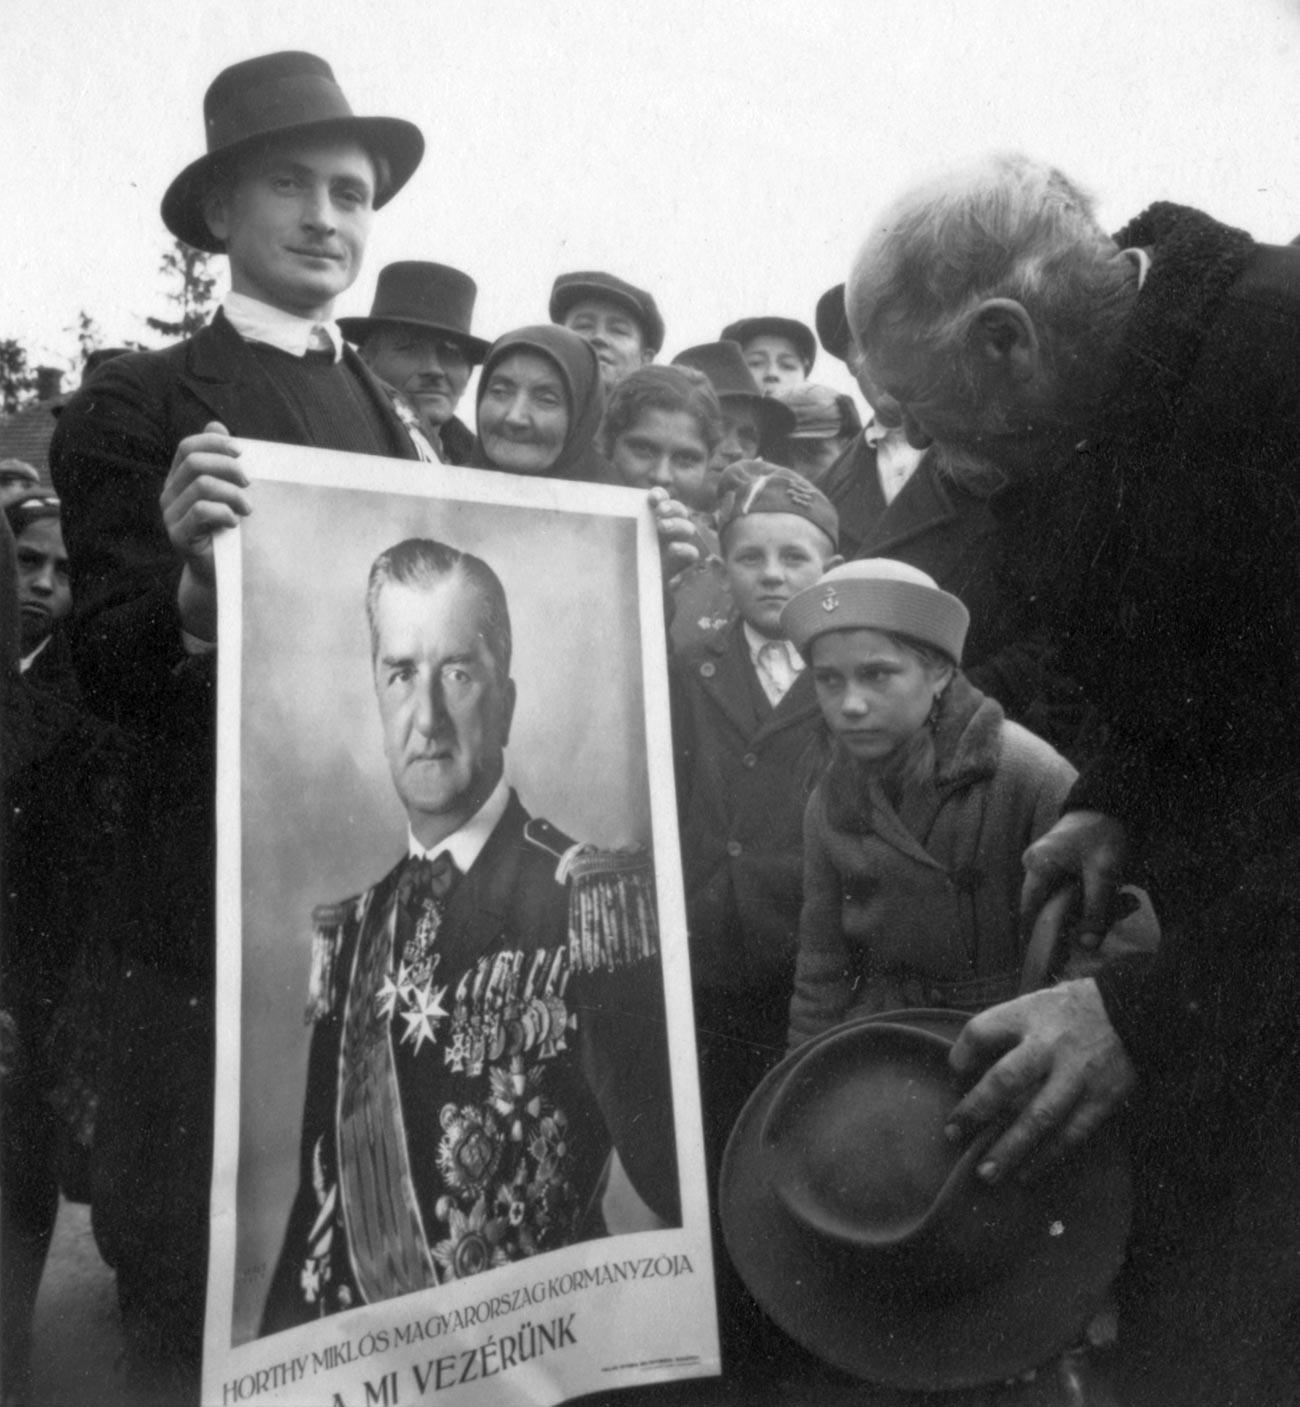 Мађари са сликом Миклоша Хортија.